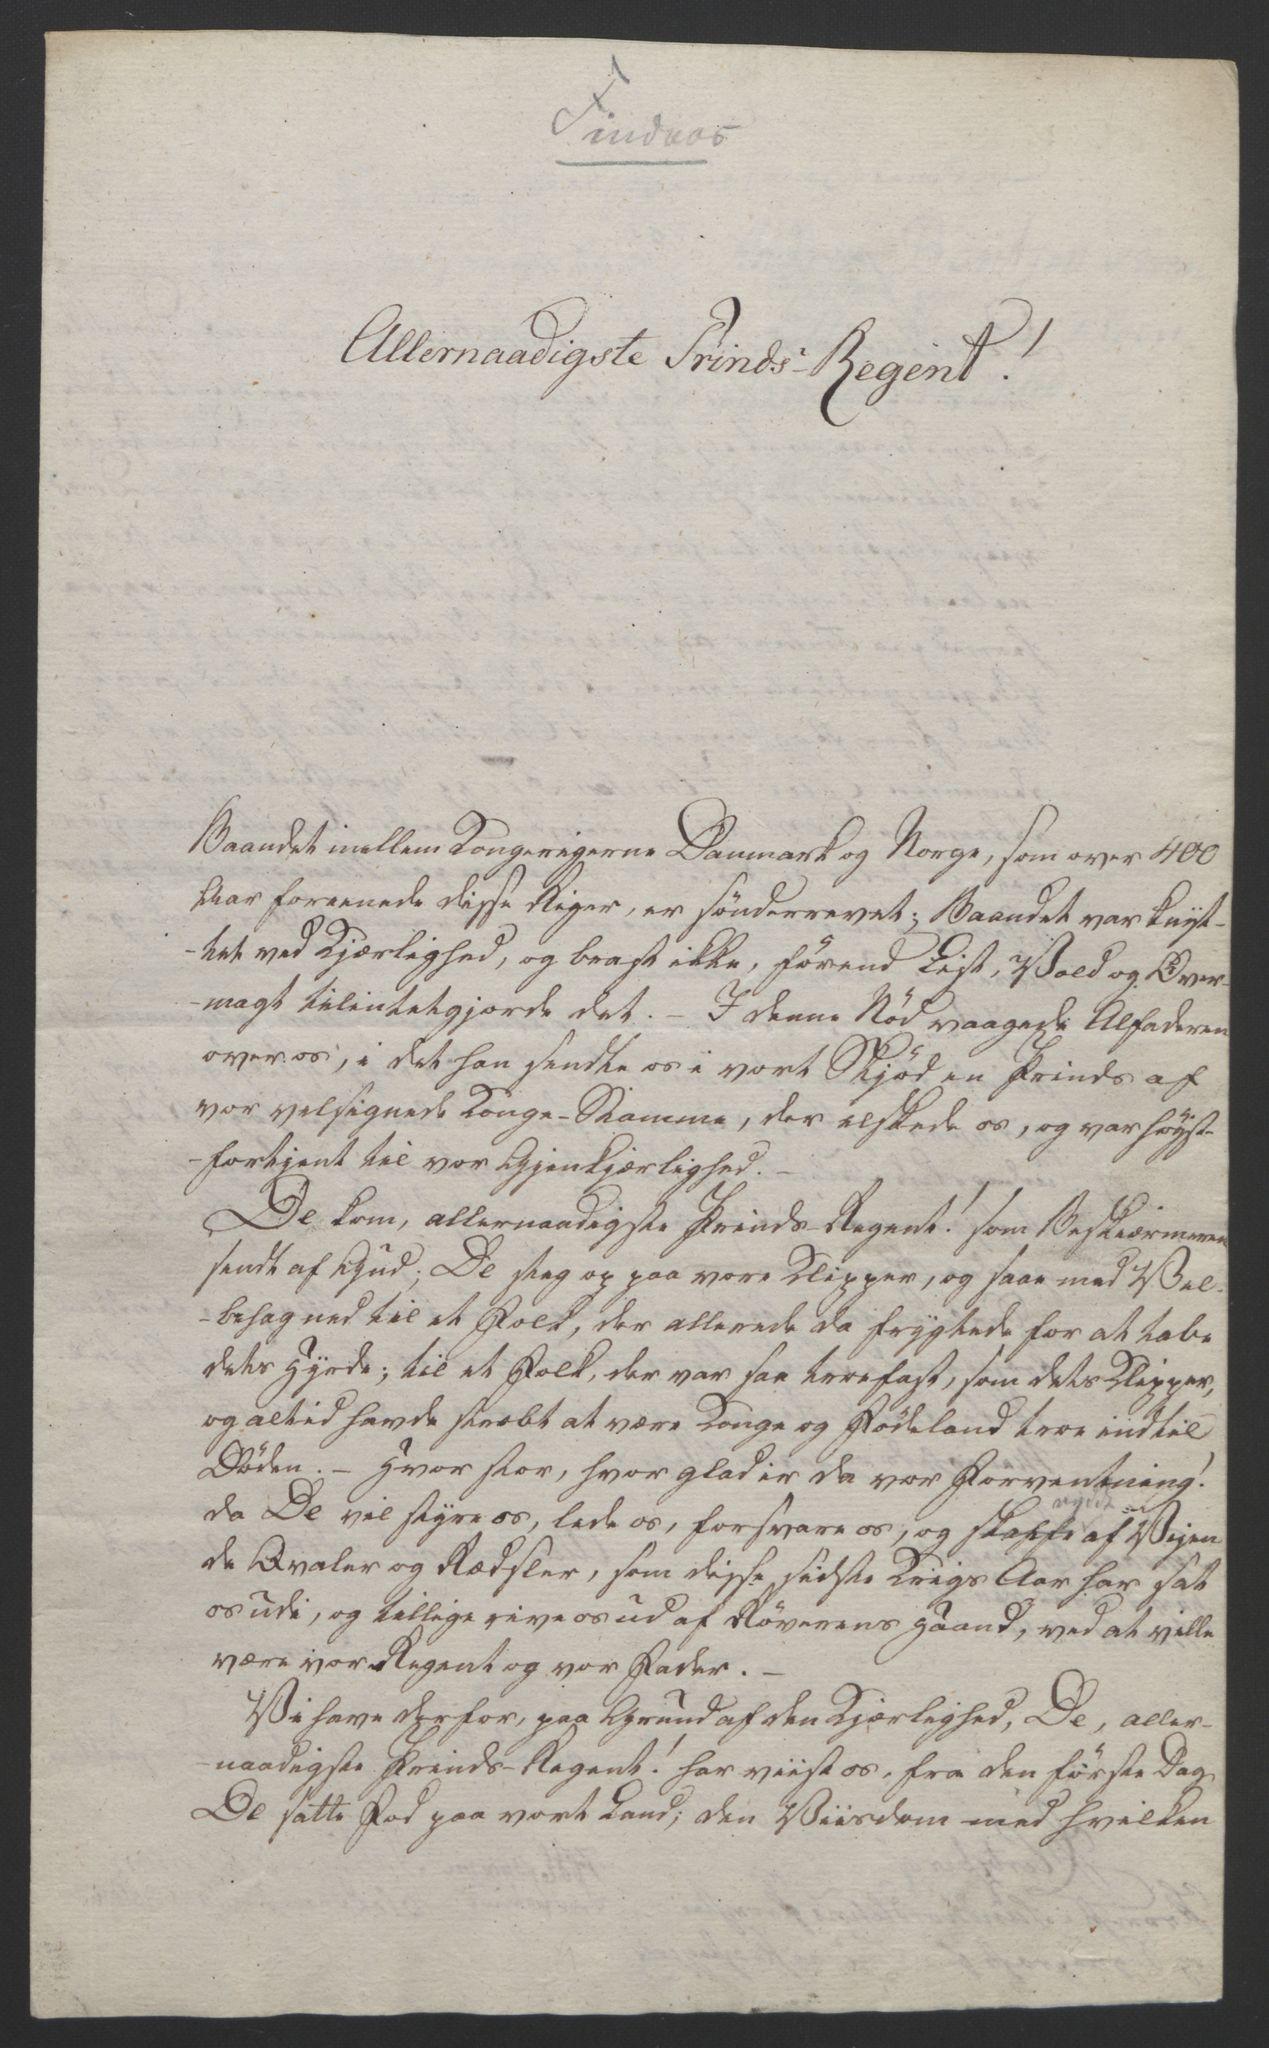 RA, Statsrådssekretariatet, D/Db/L0008: Fullmakter for Eidsvollsrepresentantene i 1814. , 1814, s. 273